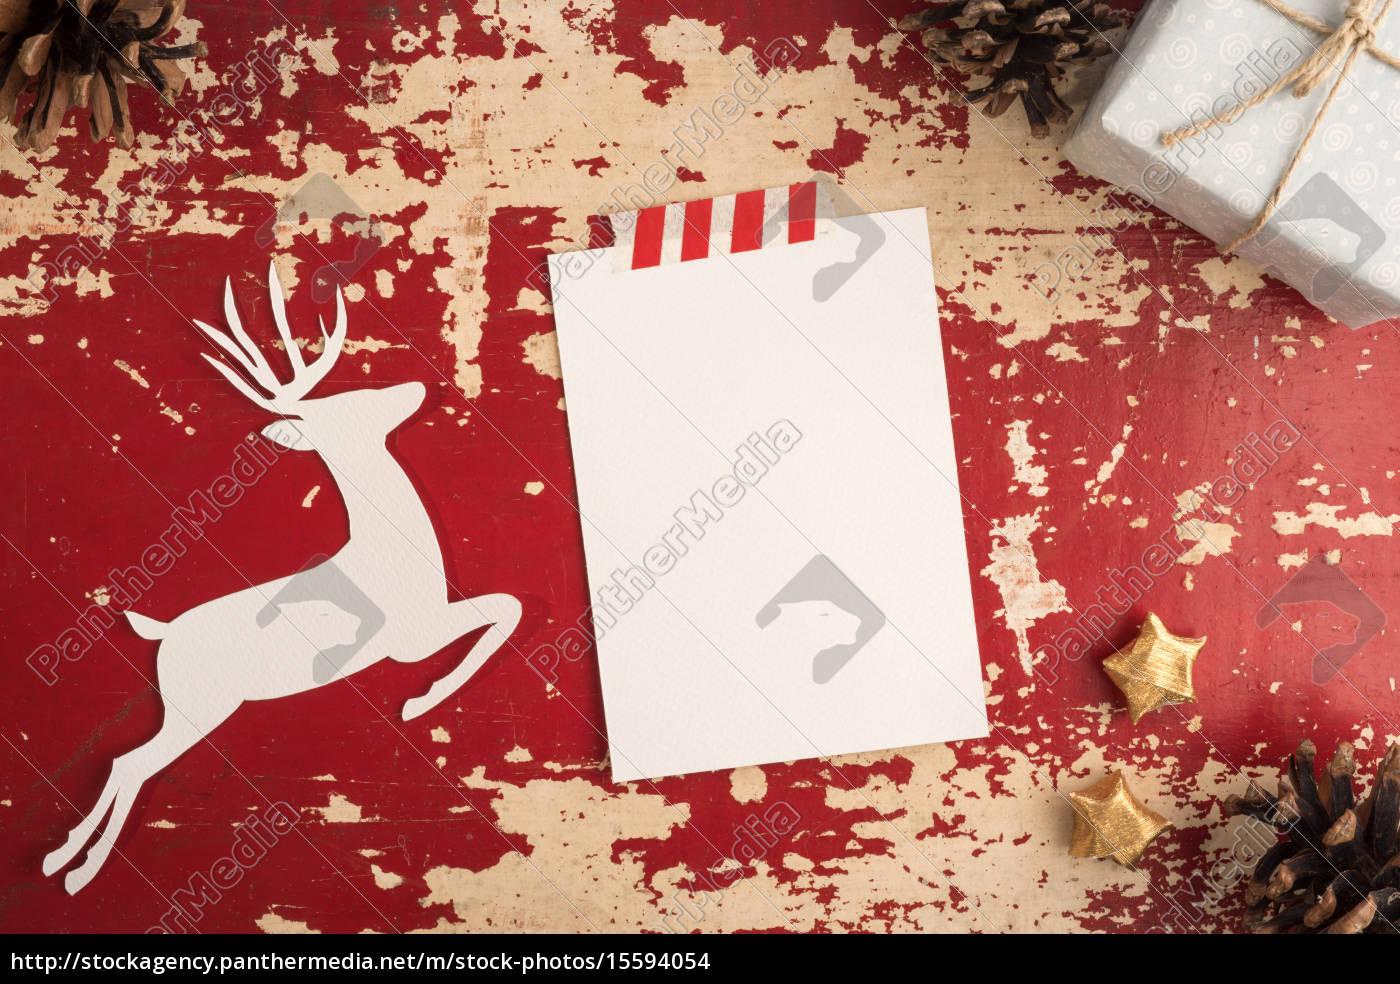 Stockfoto 15594054 - Weihnachtskarte Top View Vintage Vorlage bei Weihnachtskarte Vorlage